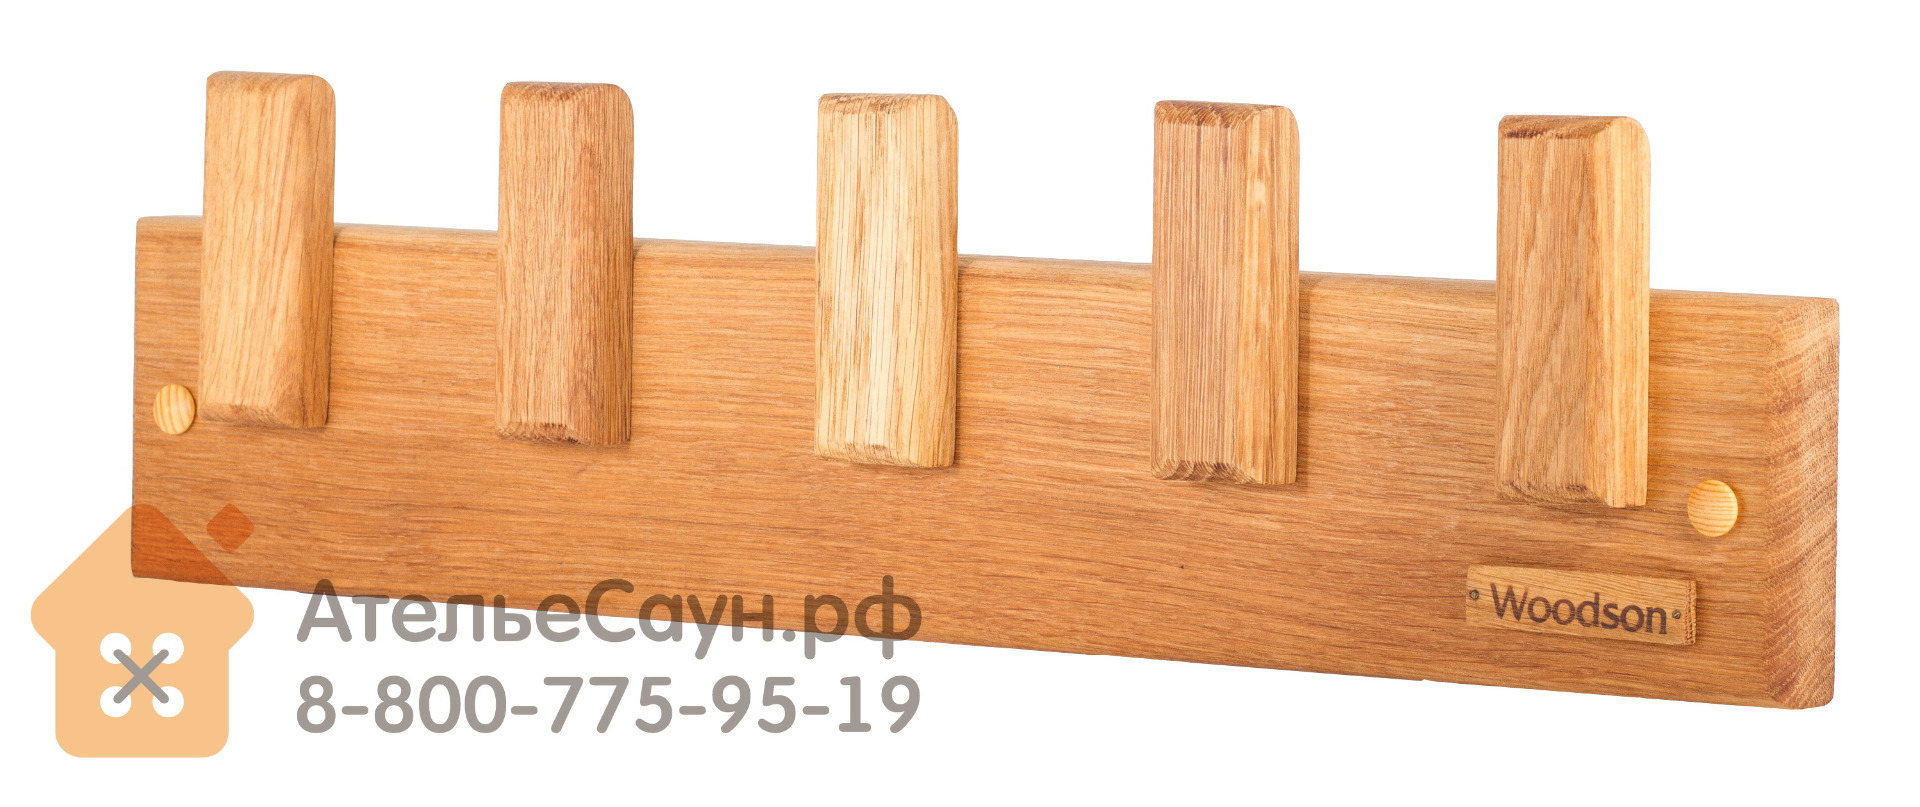 Вешалка WoodSon D5 из дуба, 5 крючков